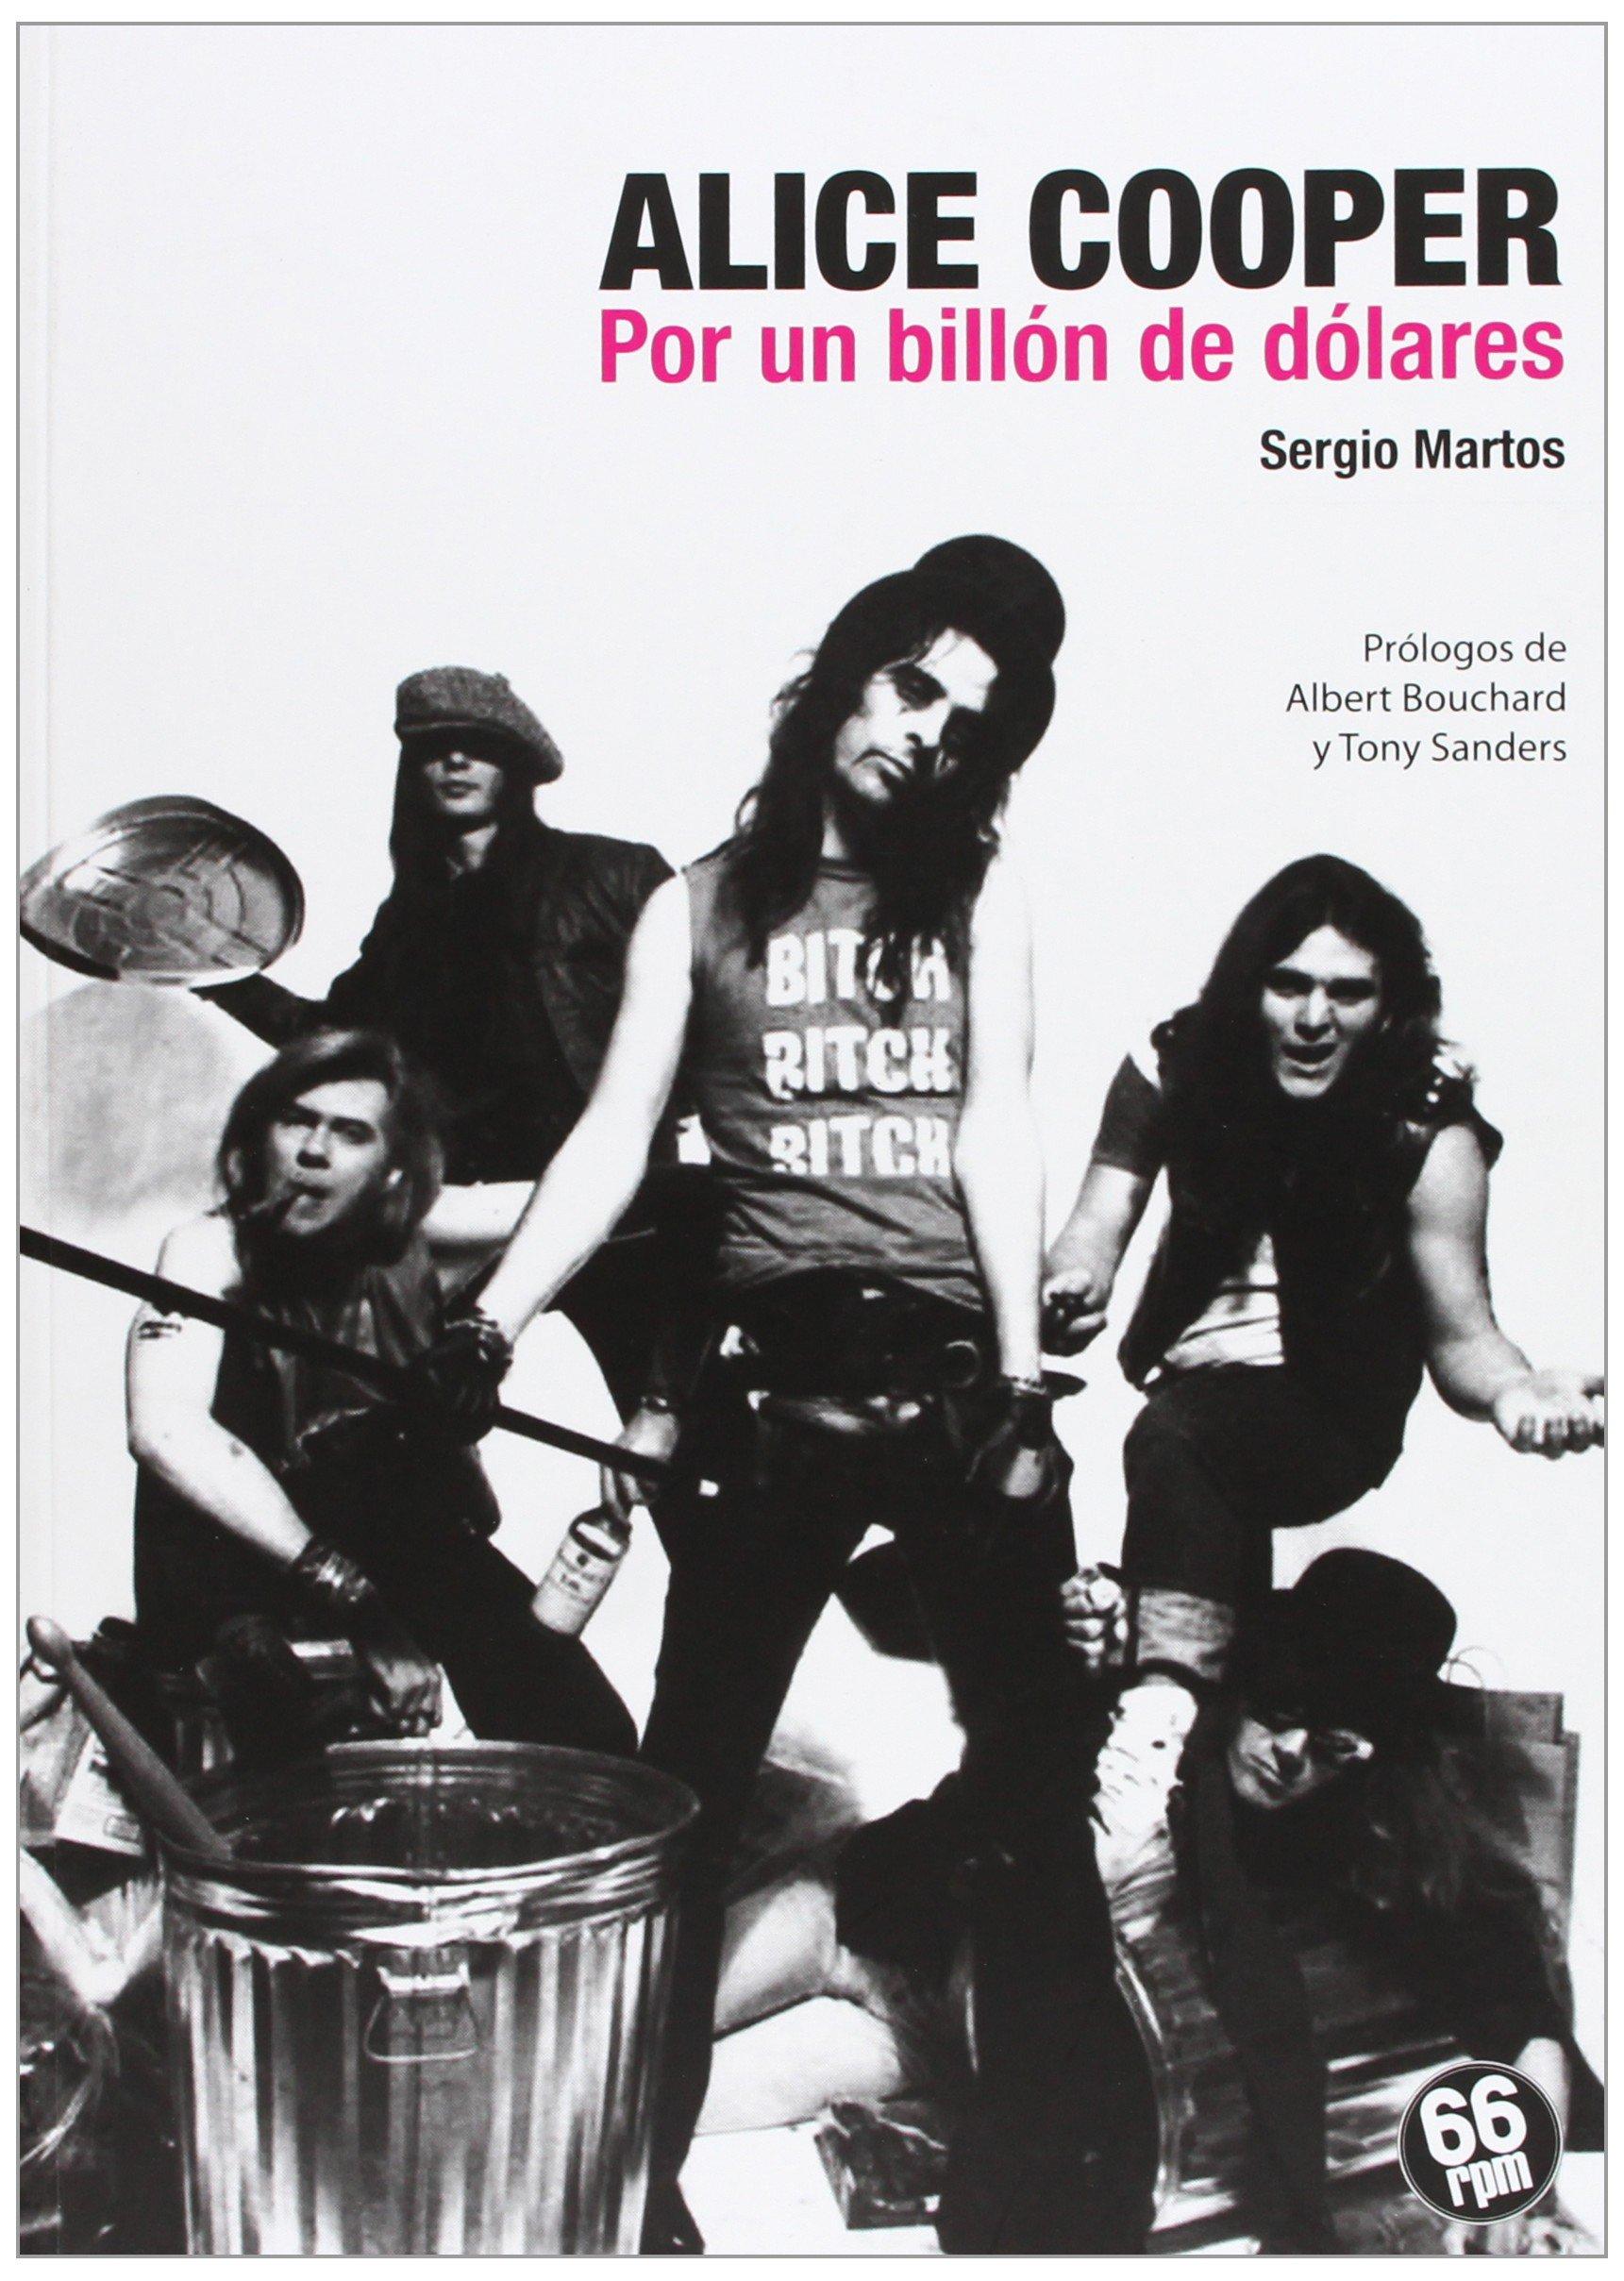 Literatura rock - Página 31 81kv2wNIH7L